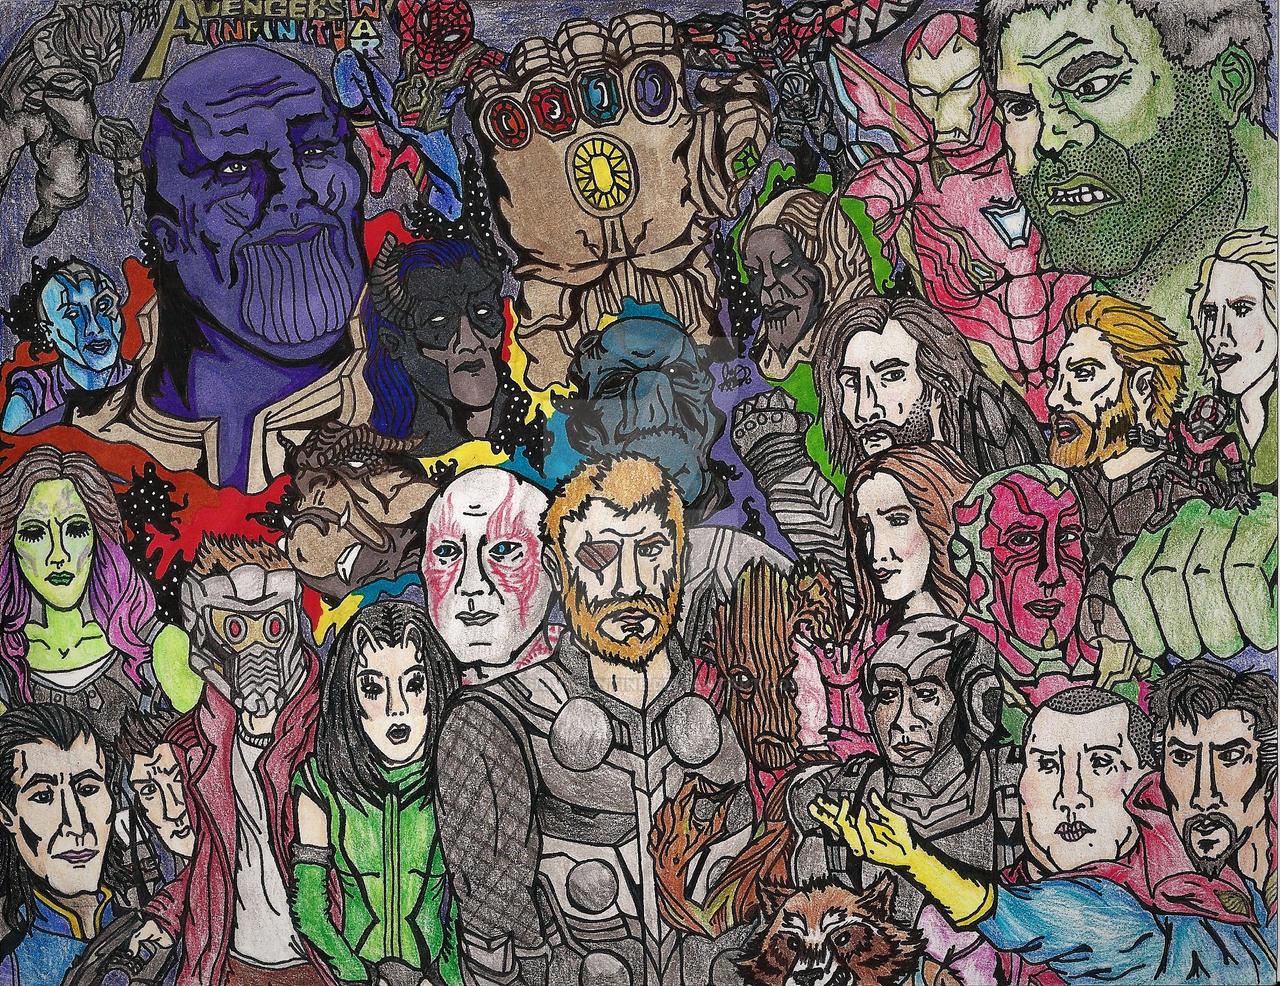 avengers infinity war lineup - jessiqvalentinejessiqvalentine on